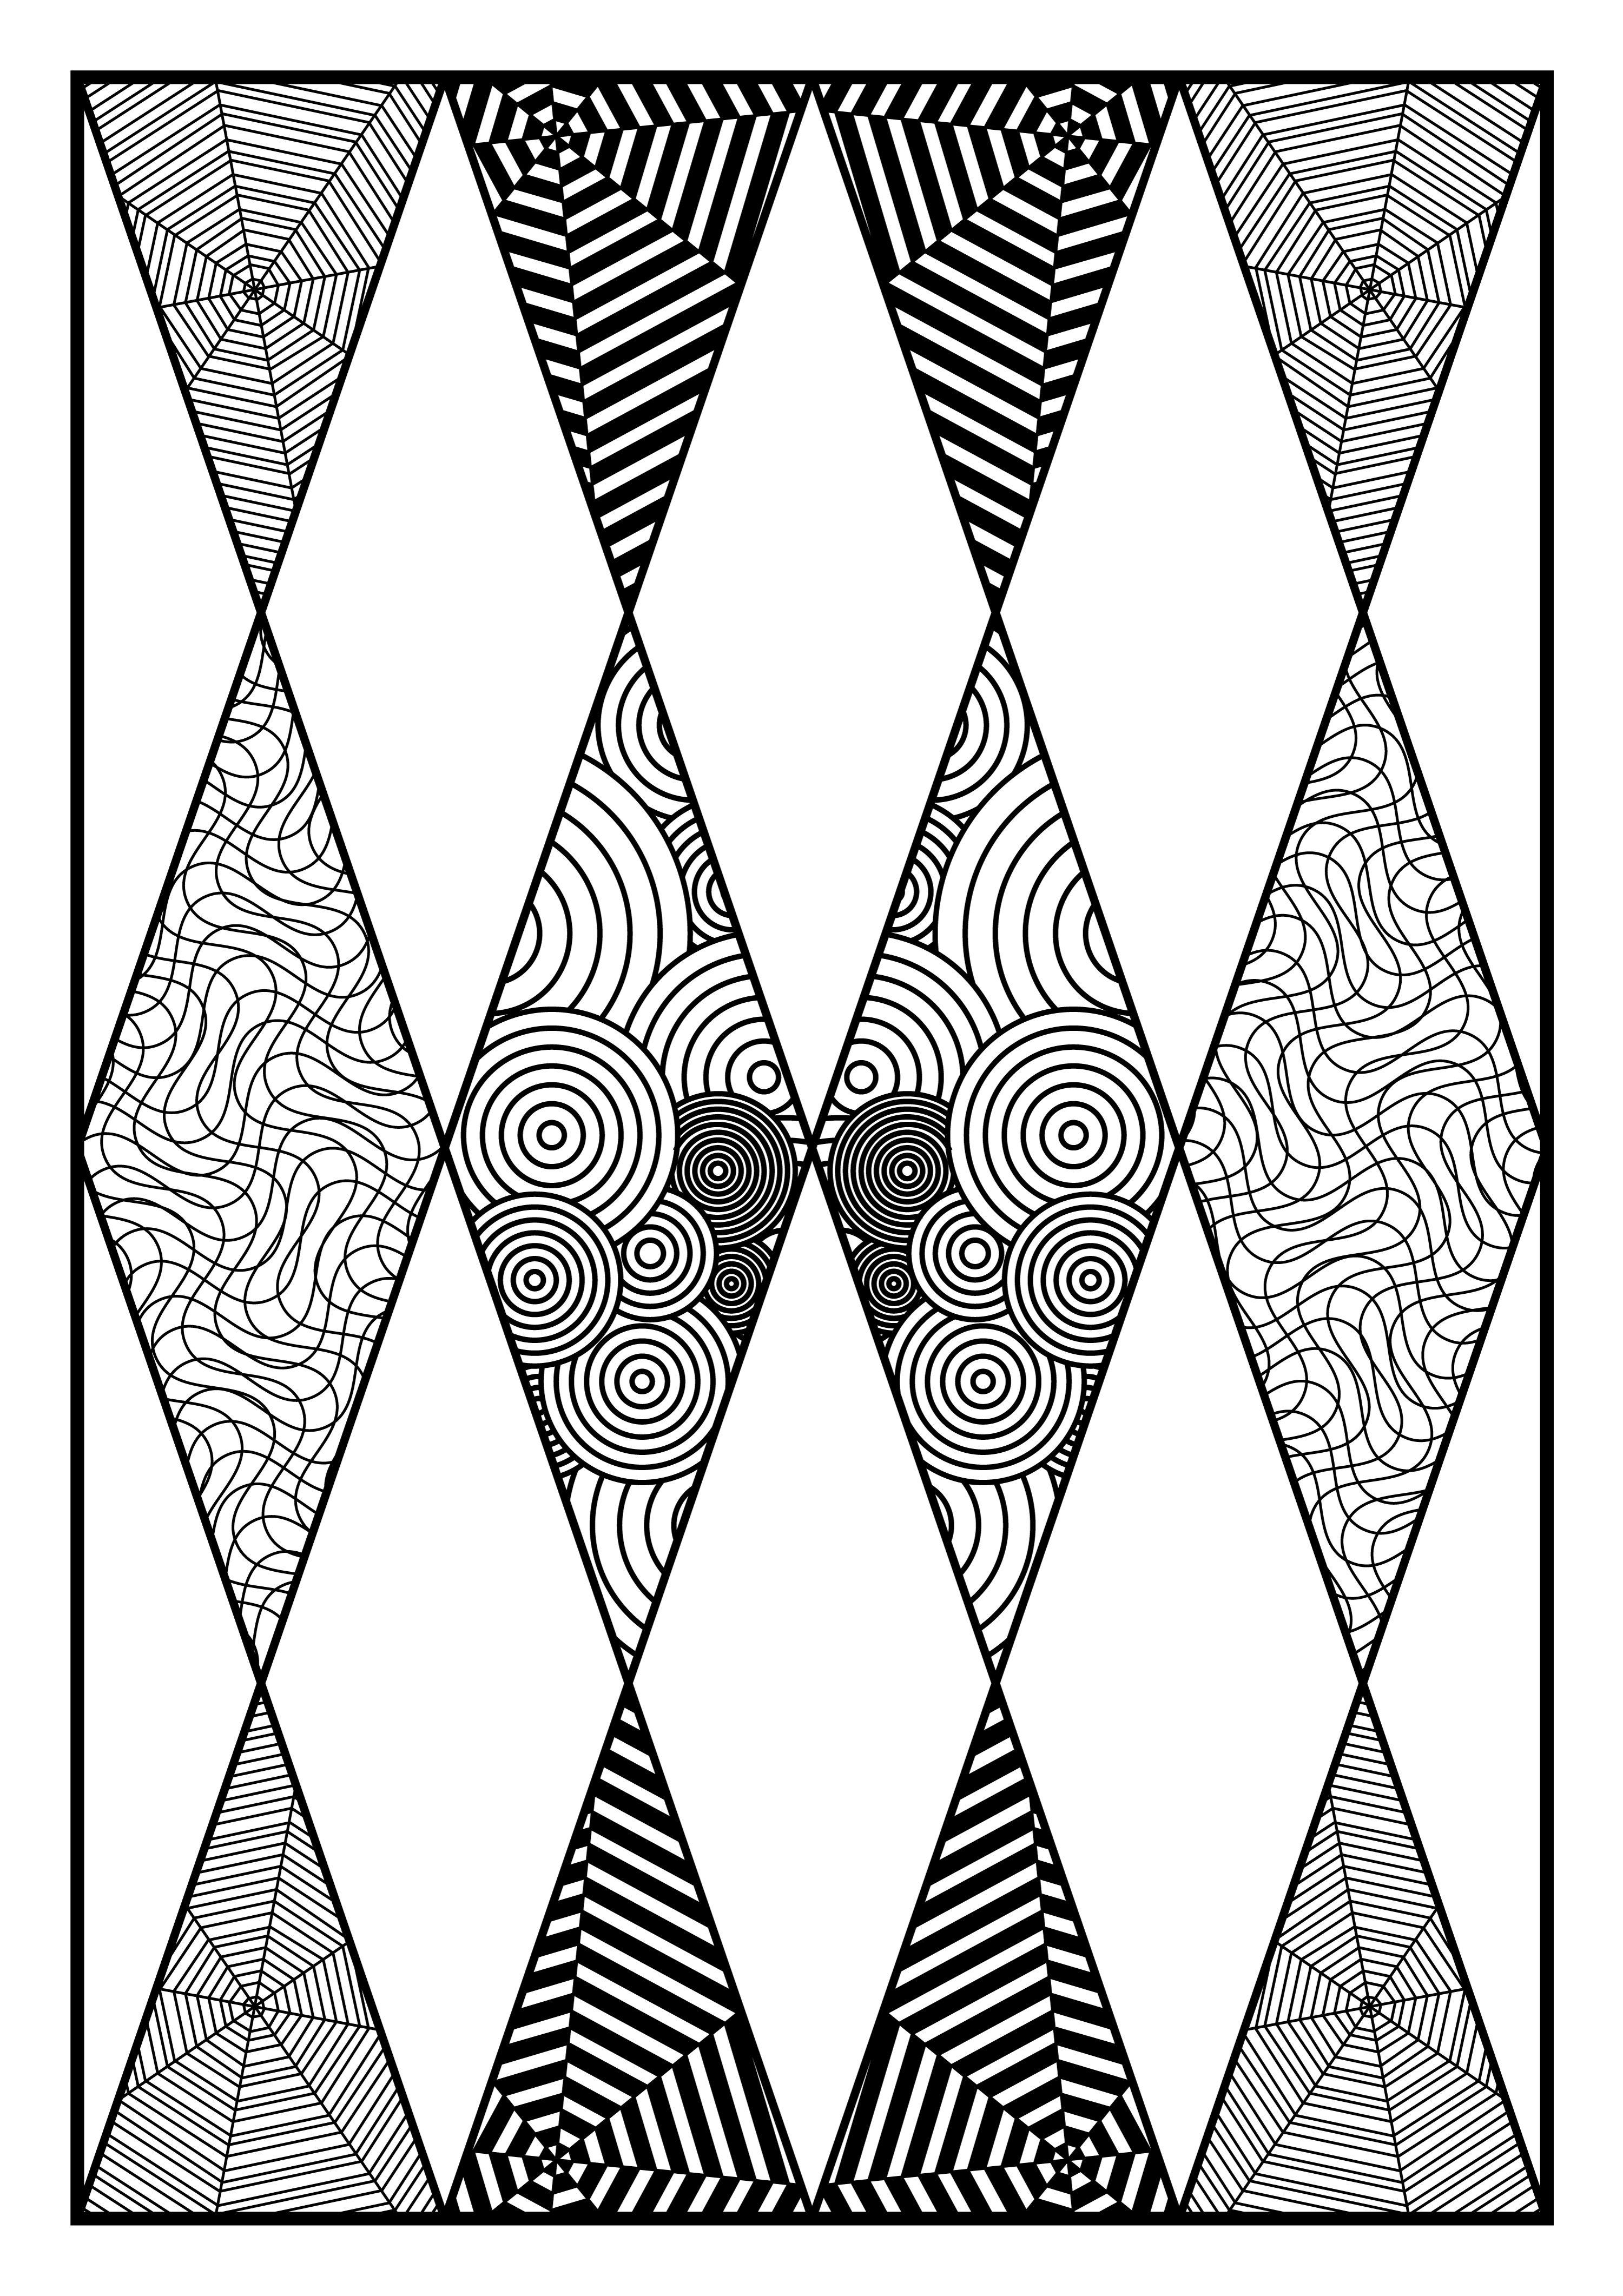 Zentangle Wall Art Triangles Pattern In 2020 Geometric